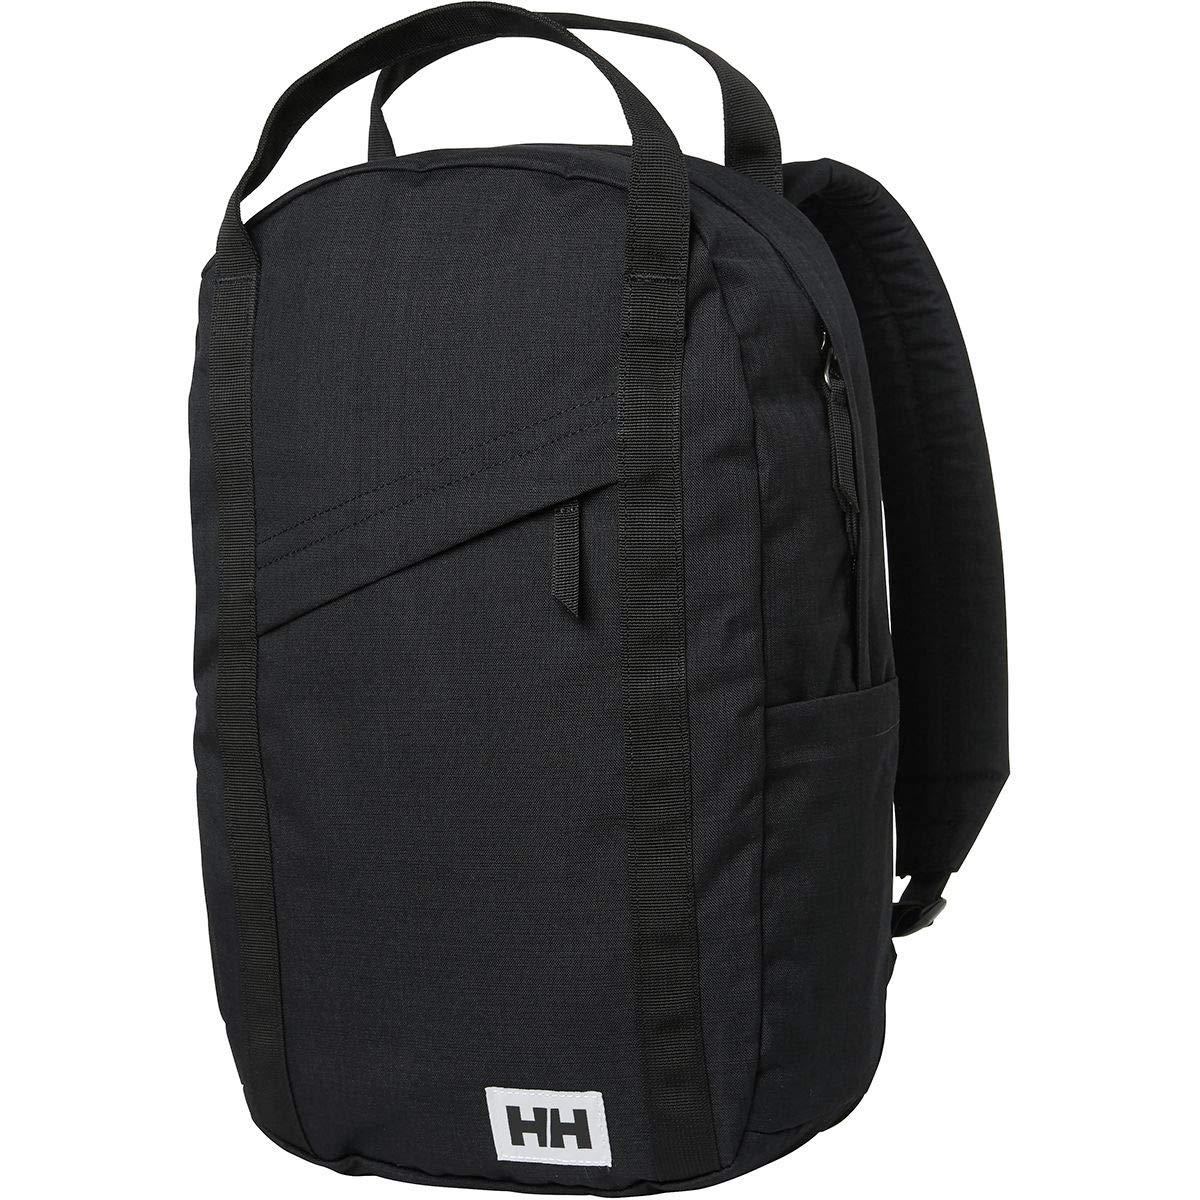 [ヘリーハンセン] メンズ バックパックリュックサック Oslo 20L Backpack [並行輸入品] No-Size  B07QQS7PFW